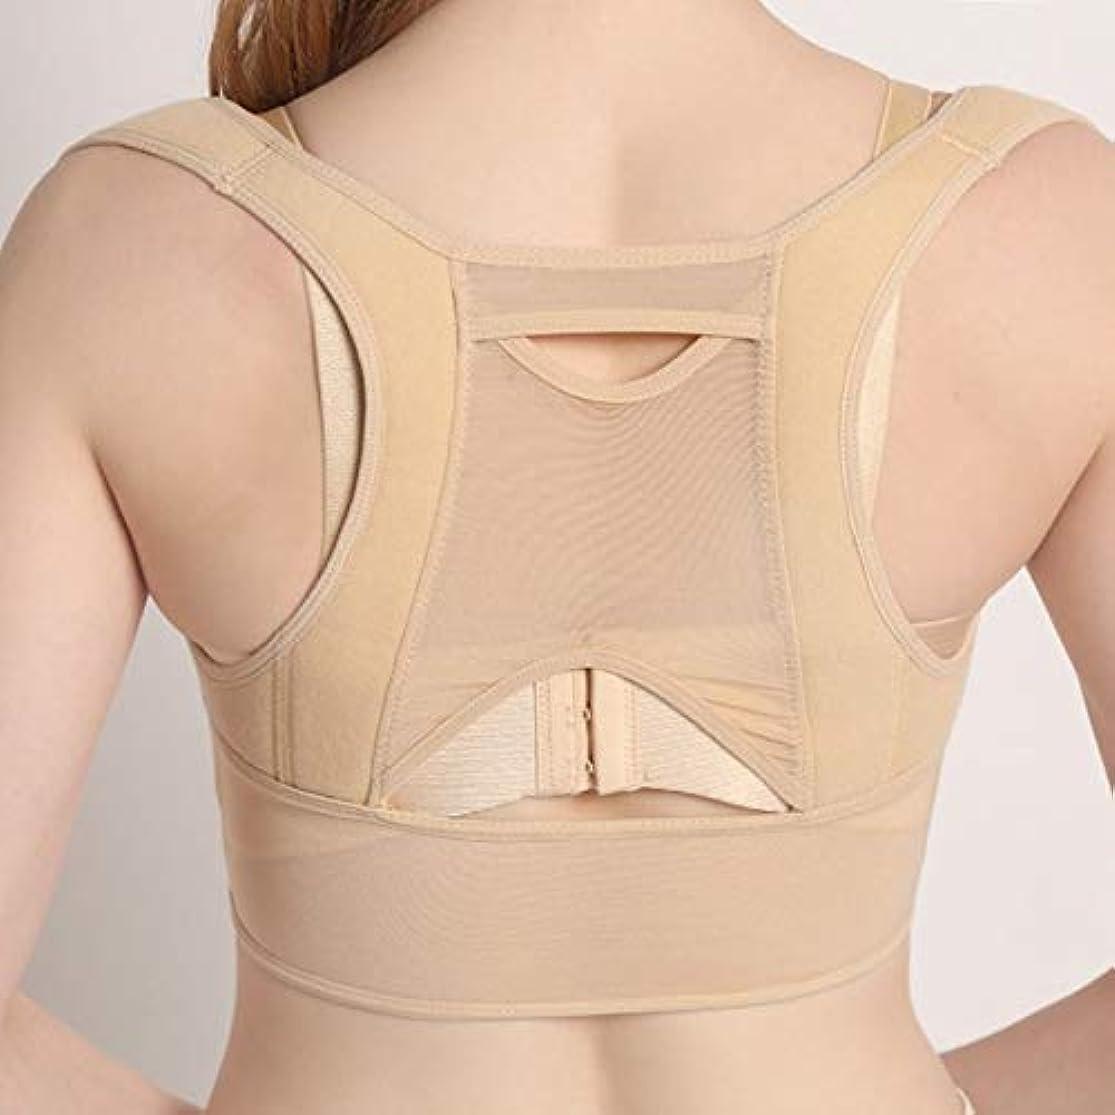 樹皮チャート必須通気性のある女性の背中の姿勢矯正コルセット整形外科の肩の背骨の背骨の姿勢矯正腰椎サポート